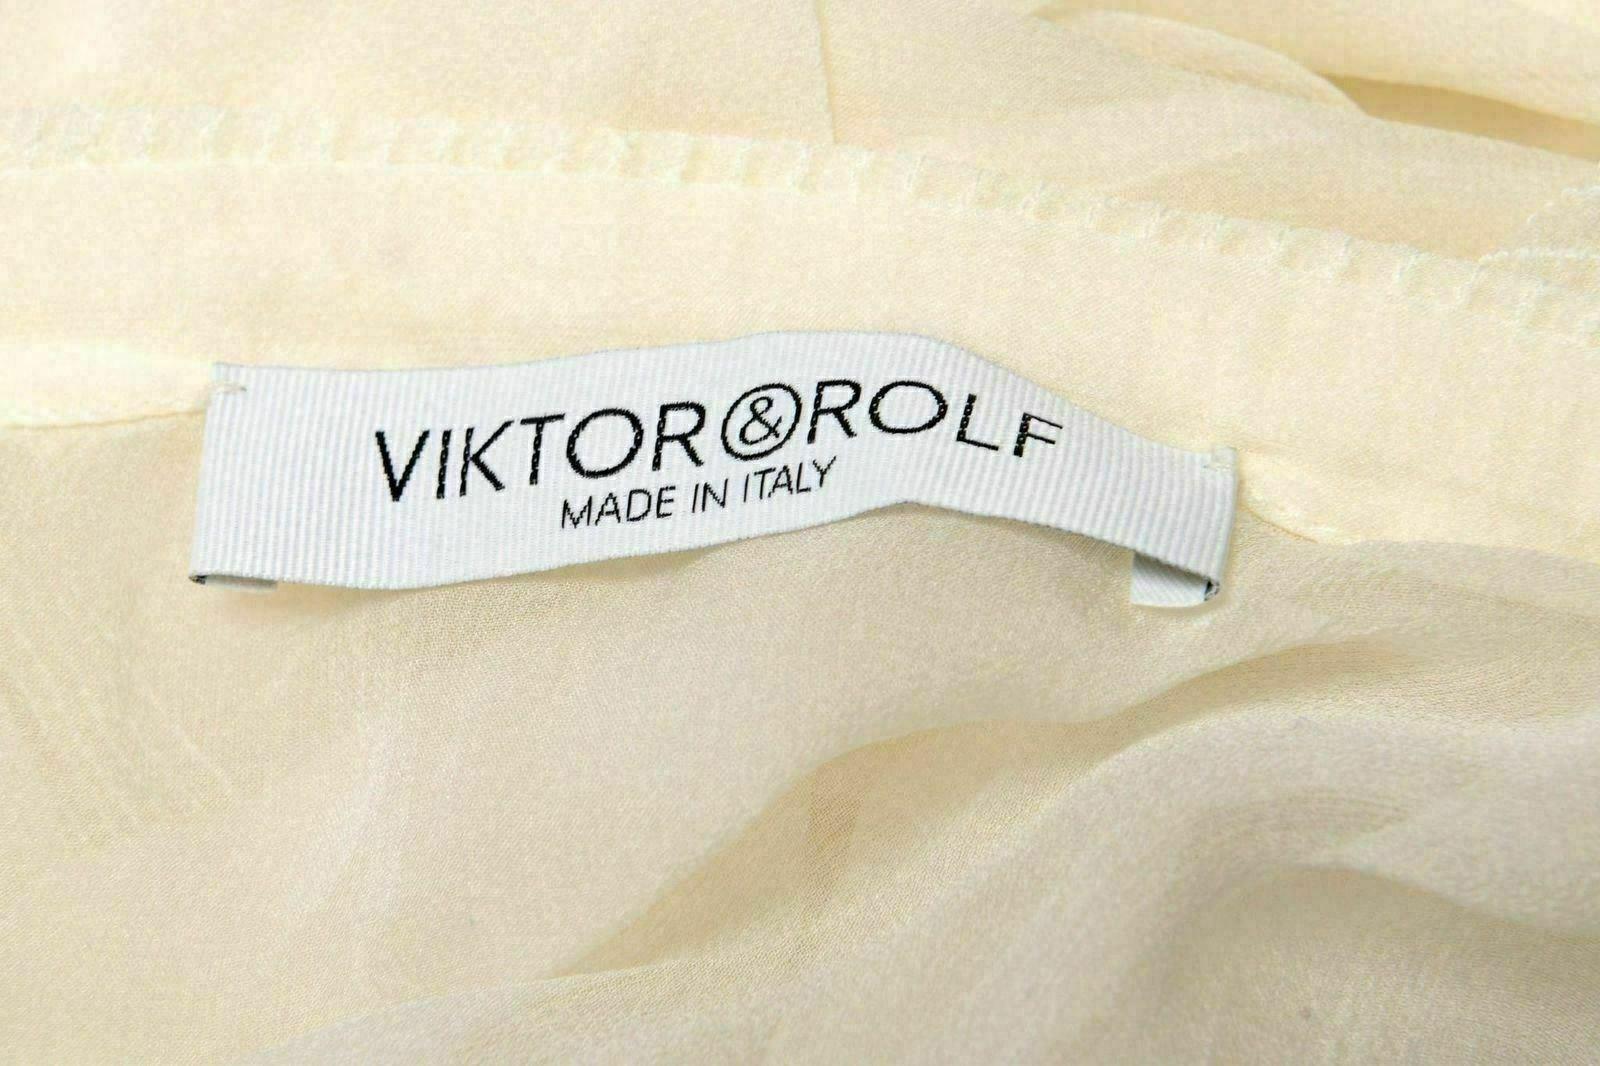 Viktor & Rolf 100% Seta Bianco Trasparente senza Maniche Maniche Maniche Donna Maglia USA S It d6b60f